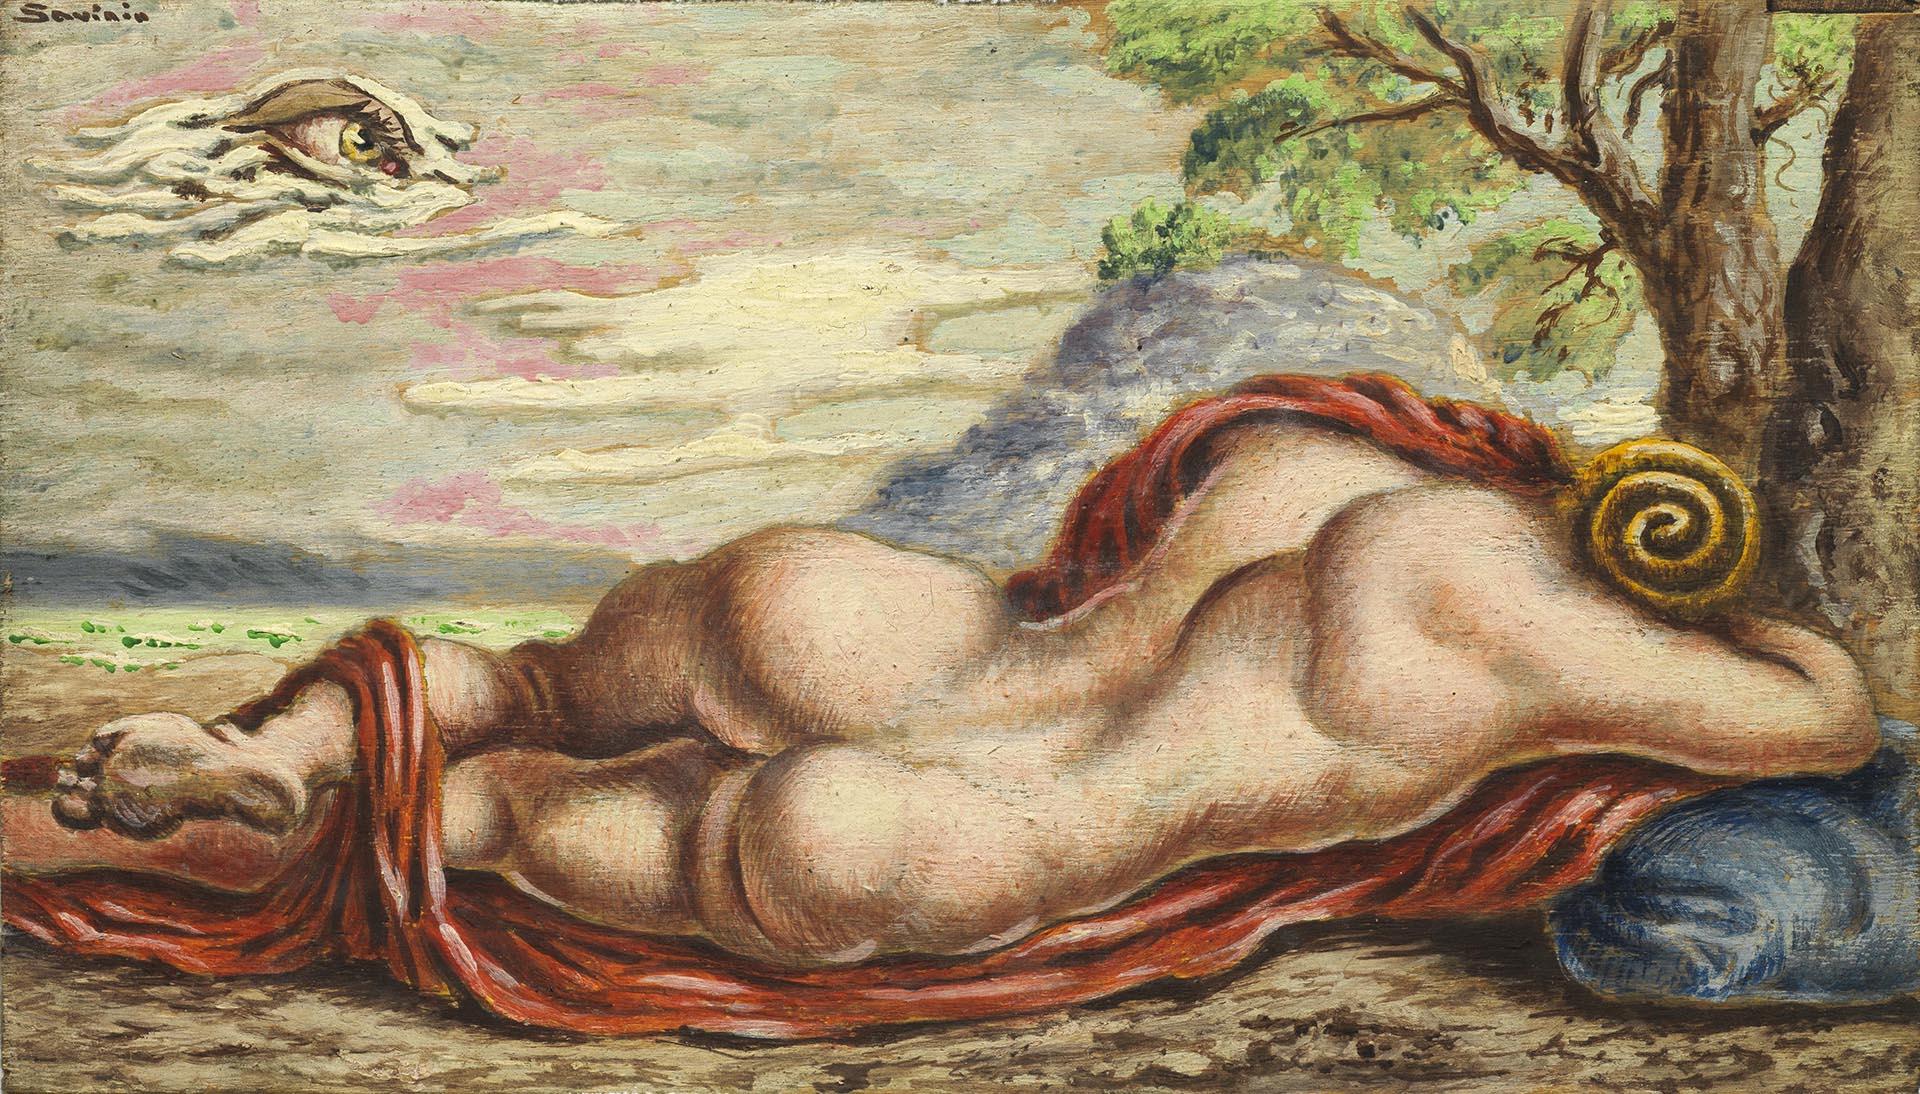 Savinio, Il riposo di Hermaphrodito, 1944-1945, 20x34.5 cm